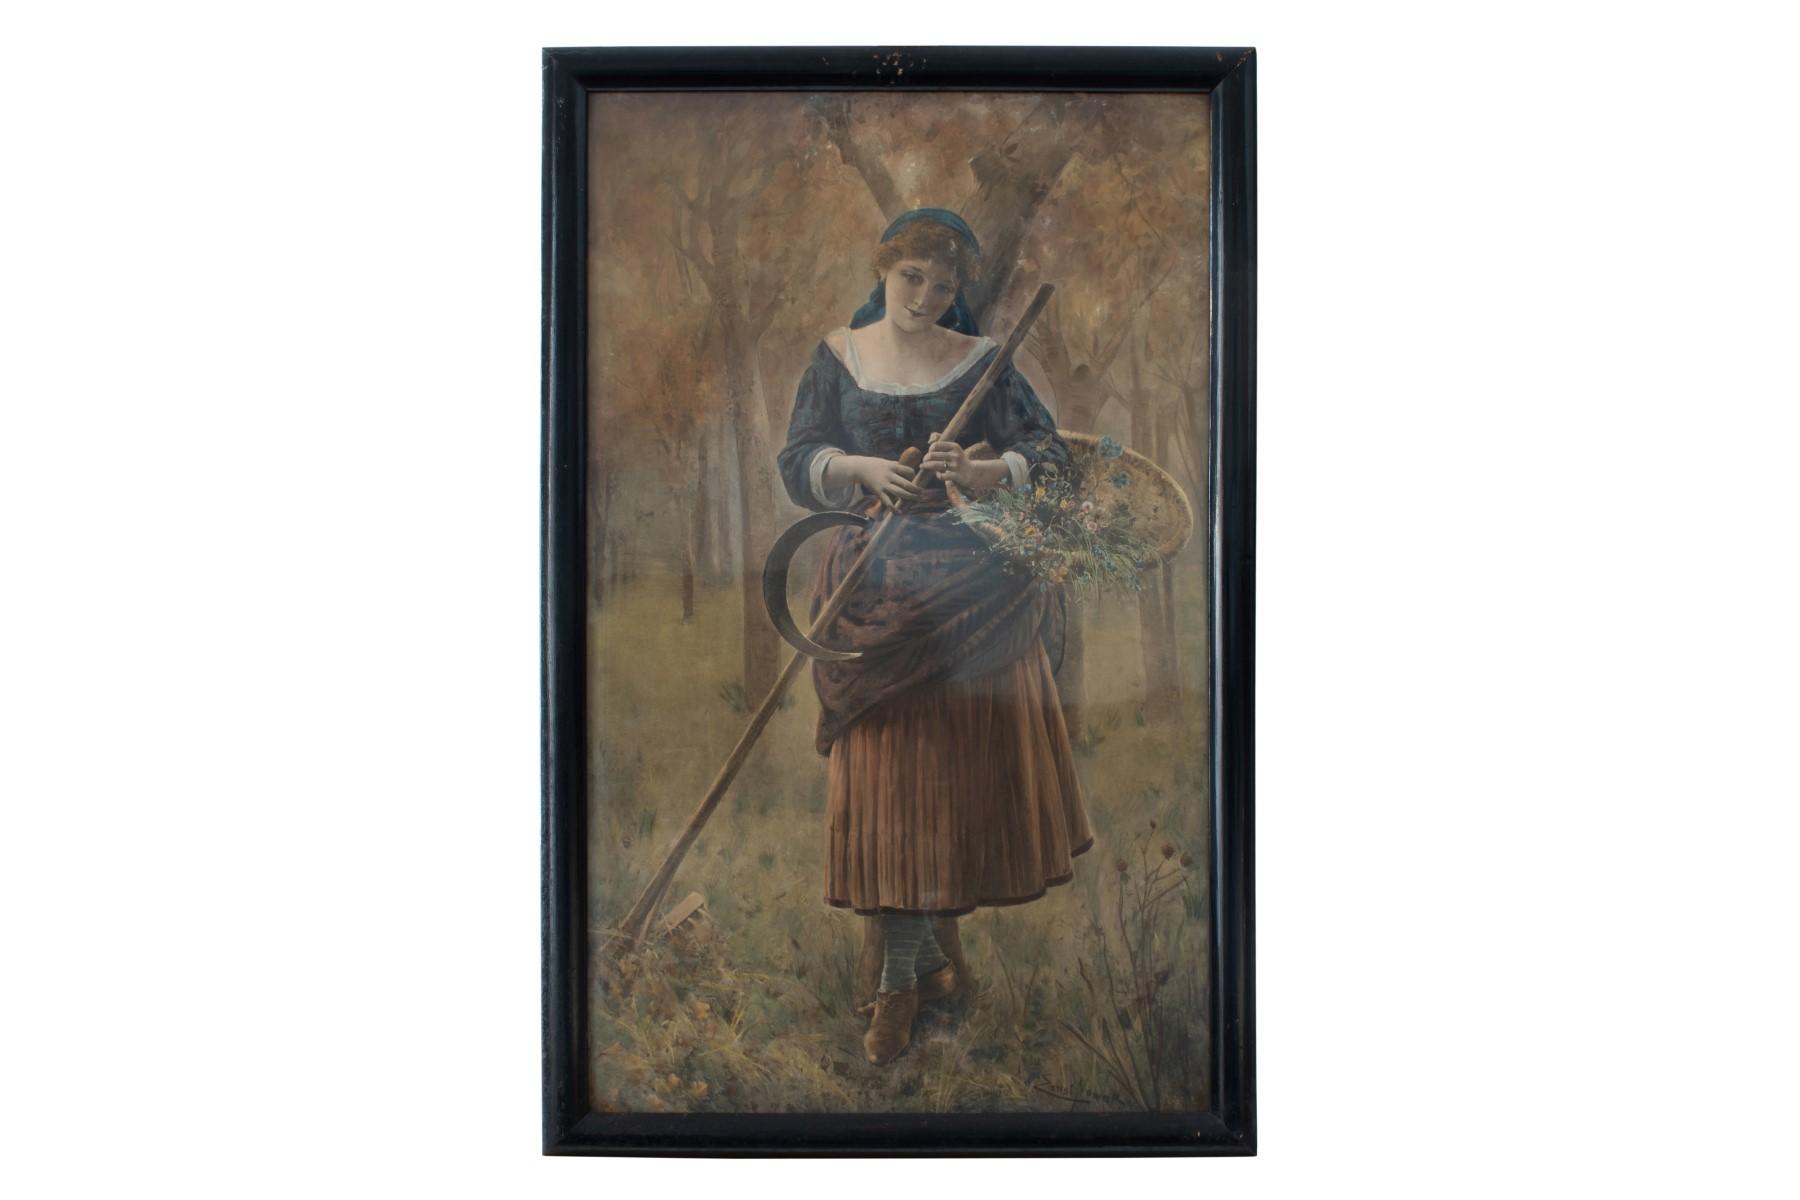 #56 Artist of the 20th Century, Young maid on a meadow under flowering tree   Künstler des 20. Jahrhunderts, Junge Magd auf einer Wiese mit Blumenkorb Image